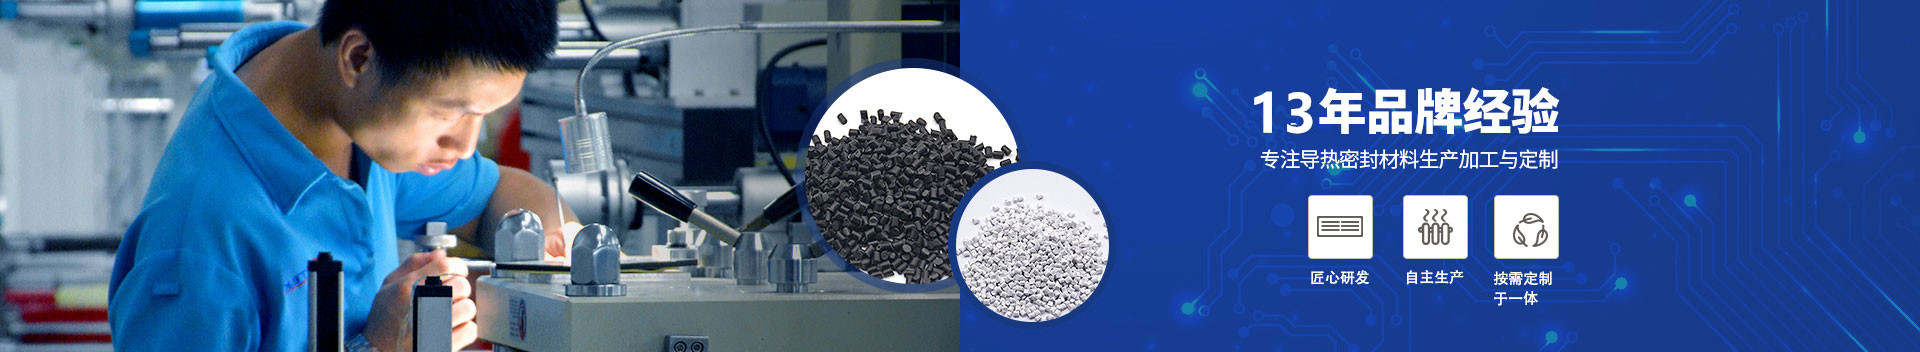 兆科电子:11年品牌经验 专注导热密封材料生产加工与定制